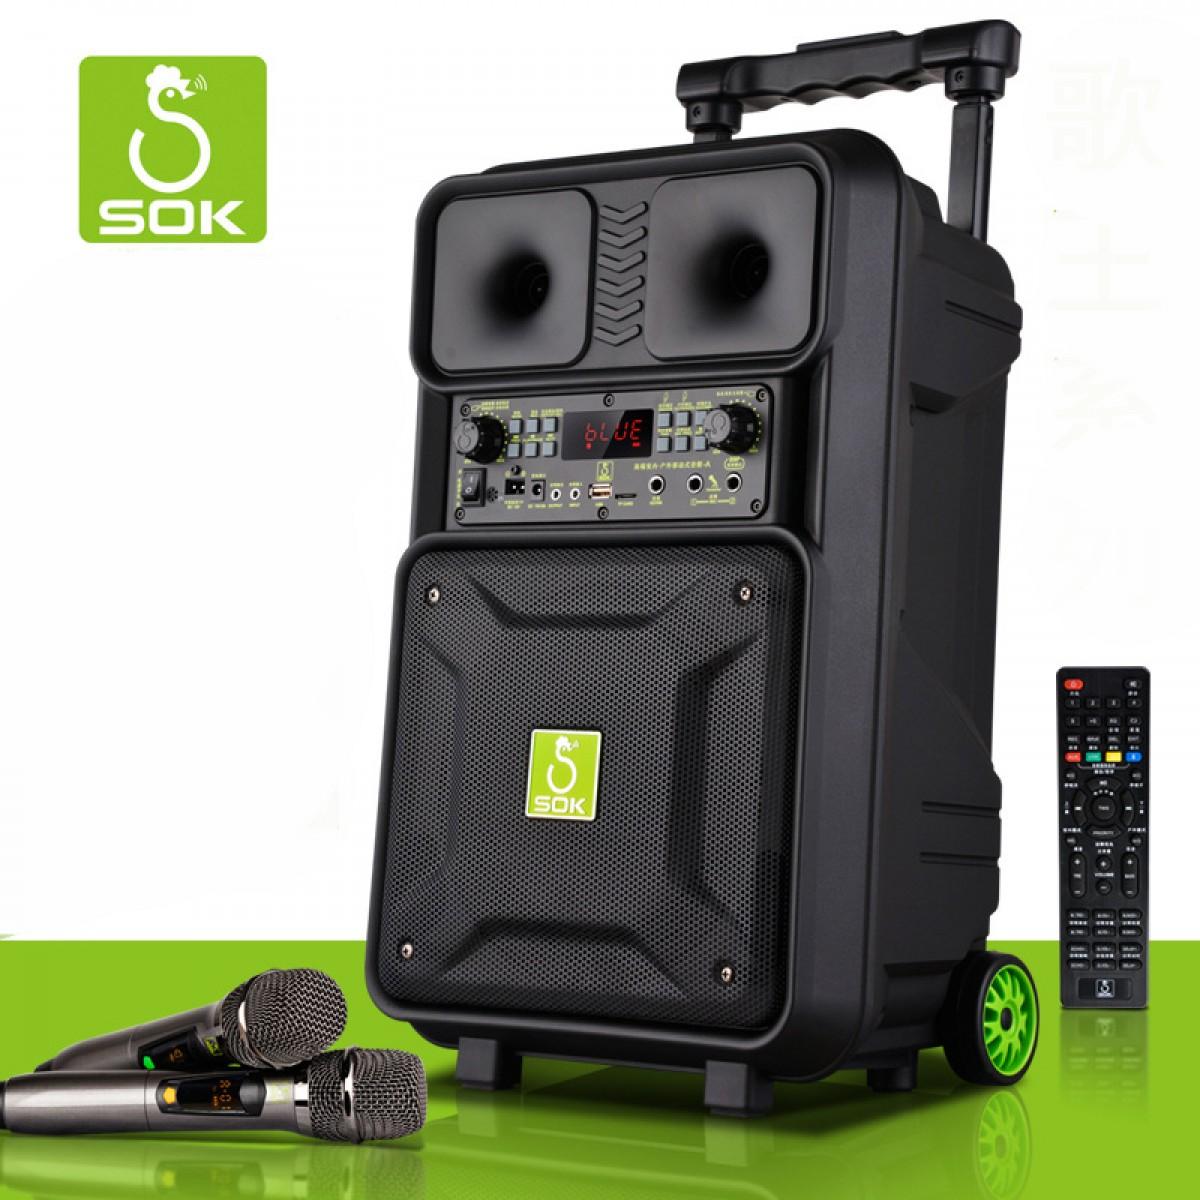 Loa kéo di động SOK NE-803 (12 inch , 2 mic , 140W) giá sỉ và lẻ rẻ nhất